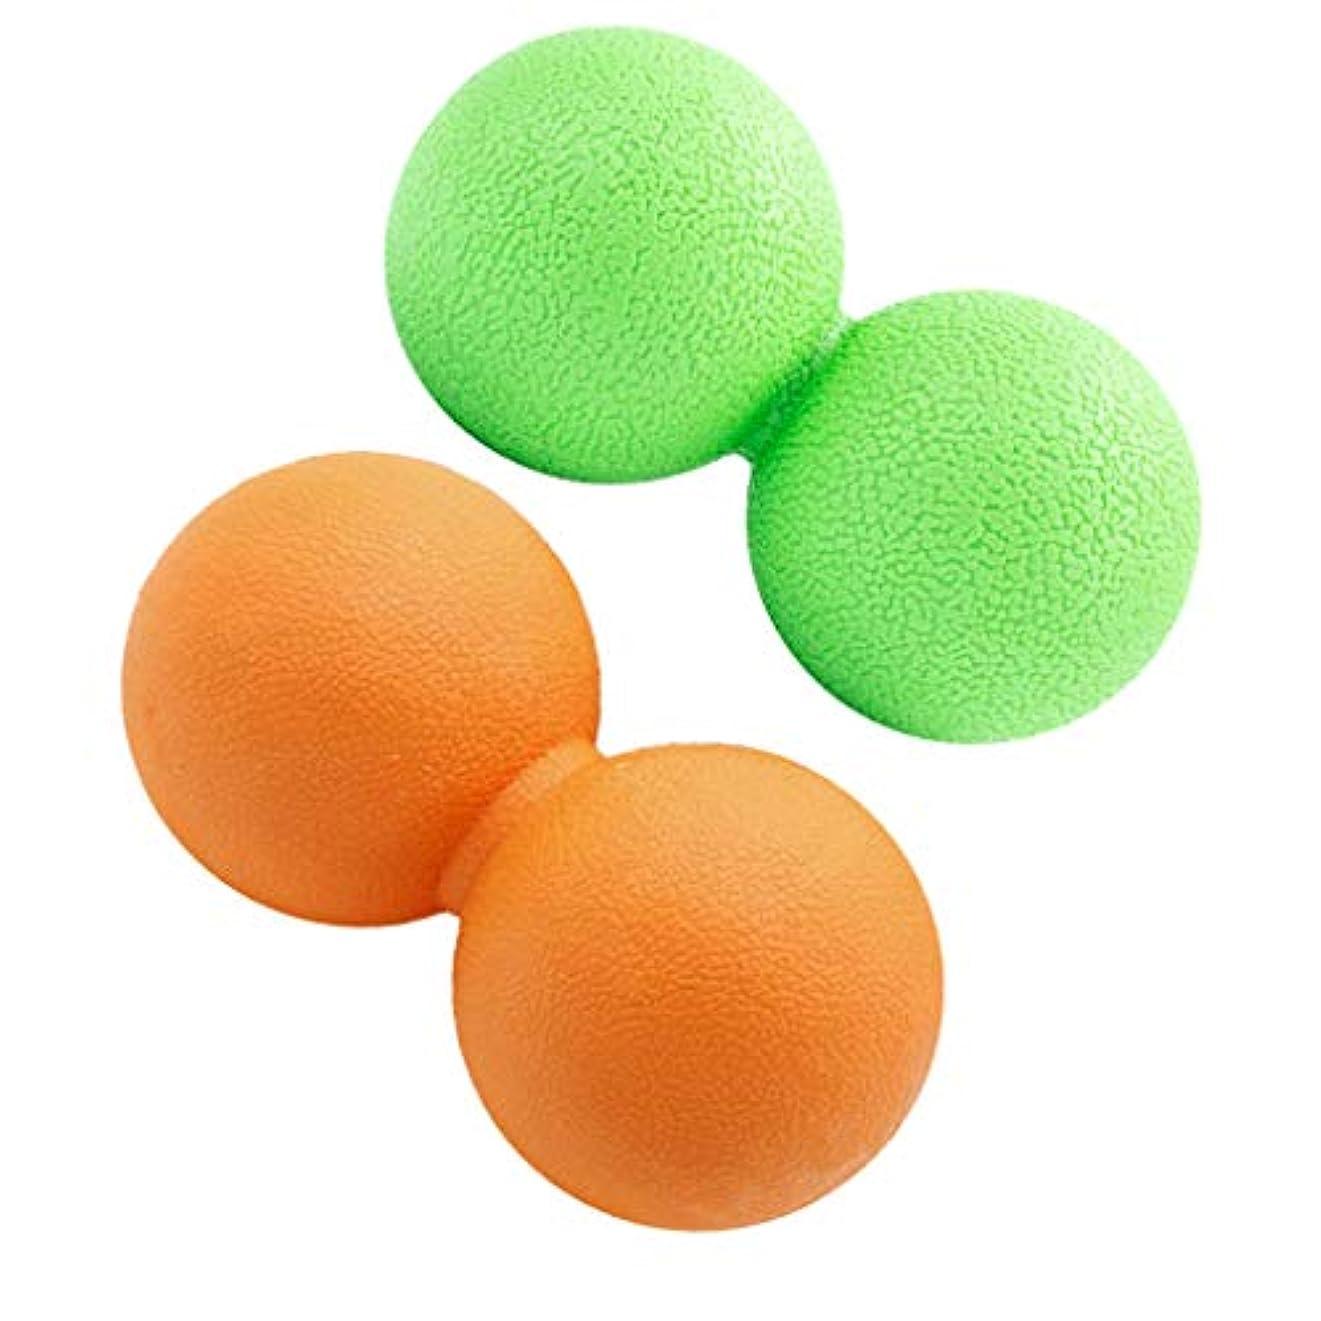 ペルメル熟す放置D DOLITY 2個 マッサージボール ピーナッツ型 筋膜リリース トリガーポイント リラックス 携带便利